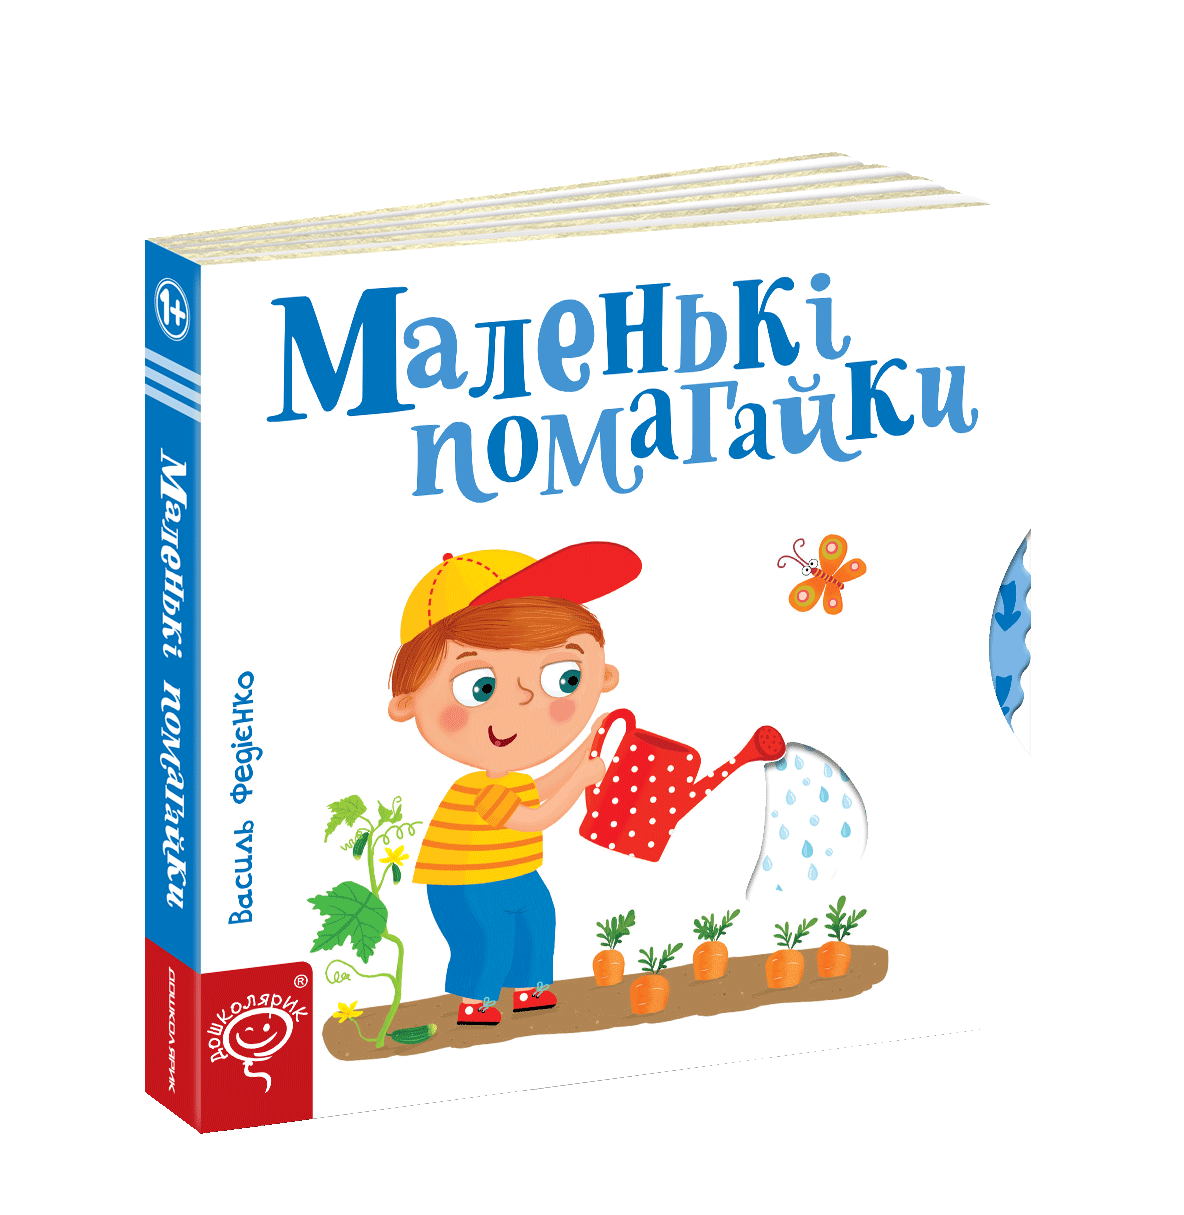 Маленькі помагайки (російською мовою)